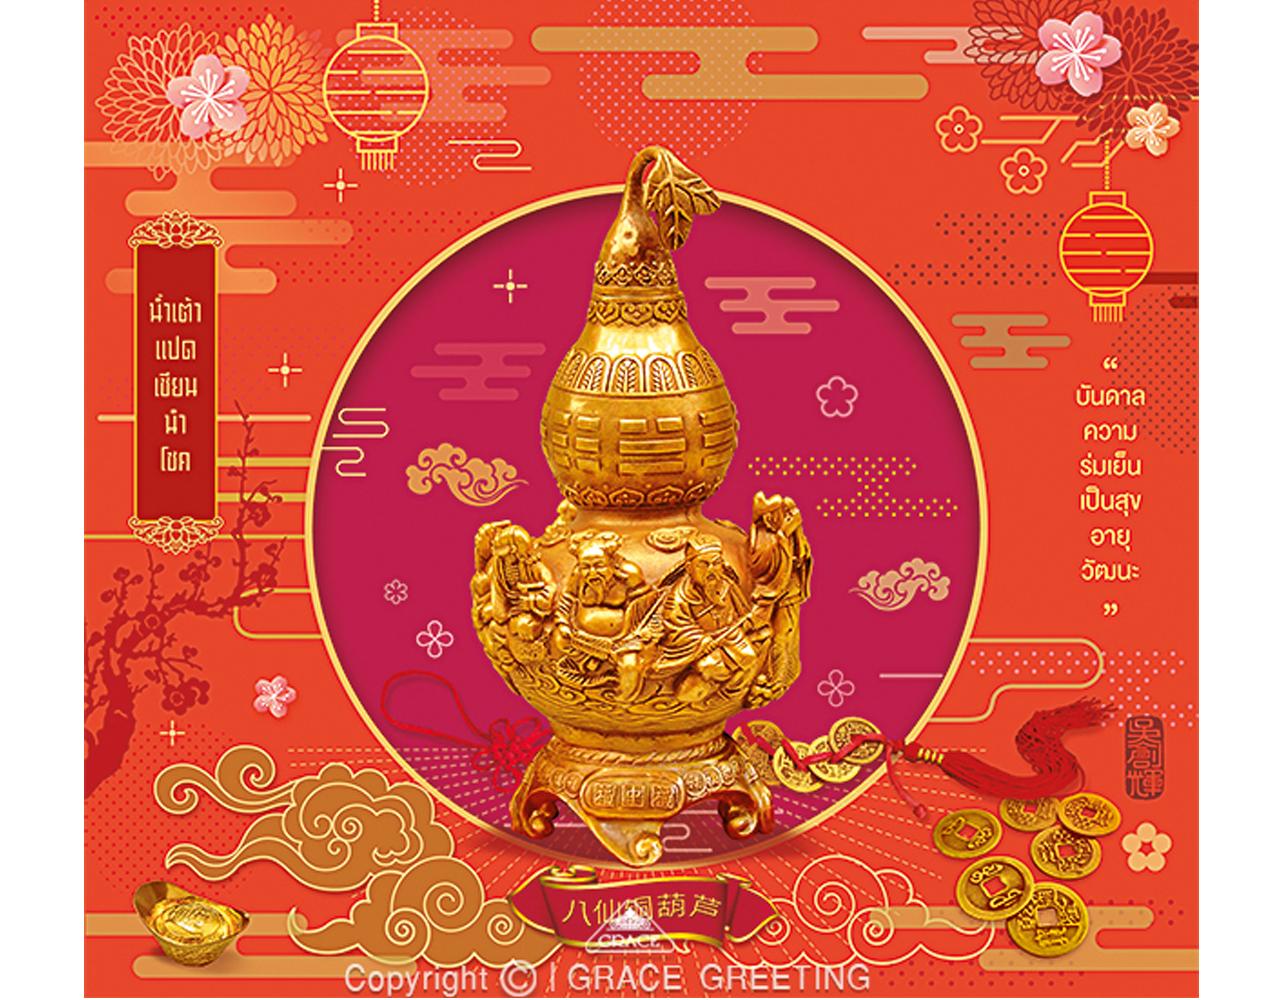 ปฏิทินตั้งโต๊ะ ปี 2562 CT.6210 มงคลจีน 2019 Apr